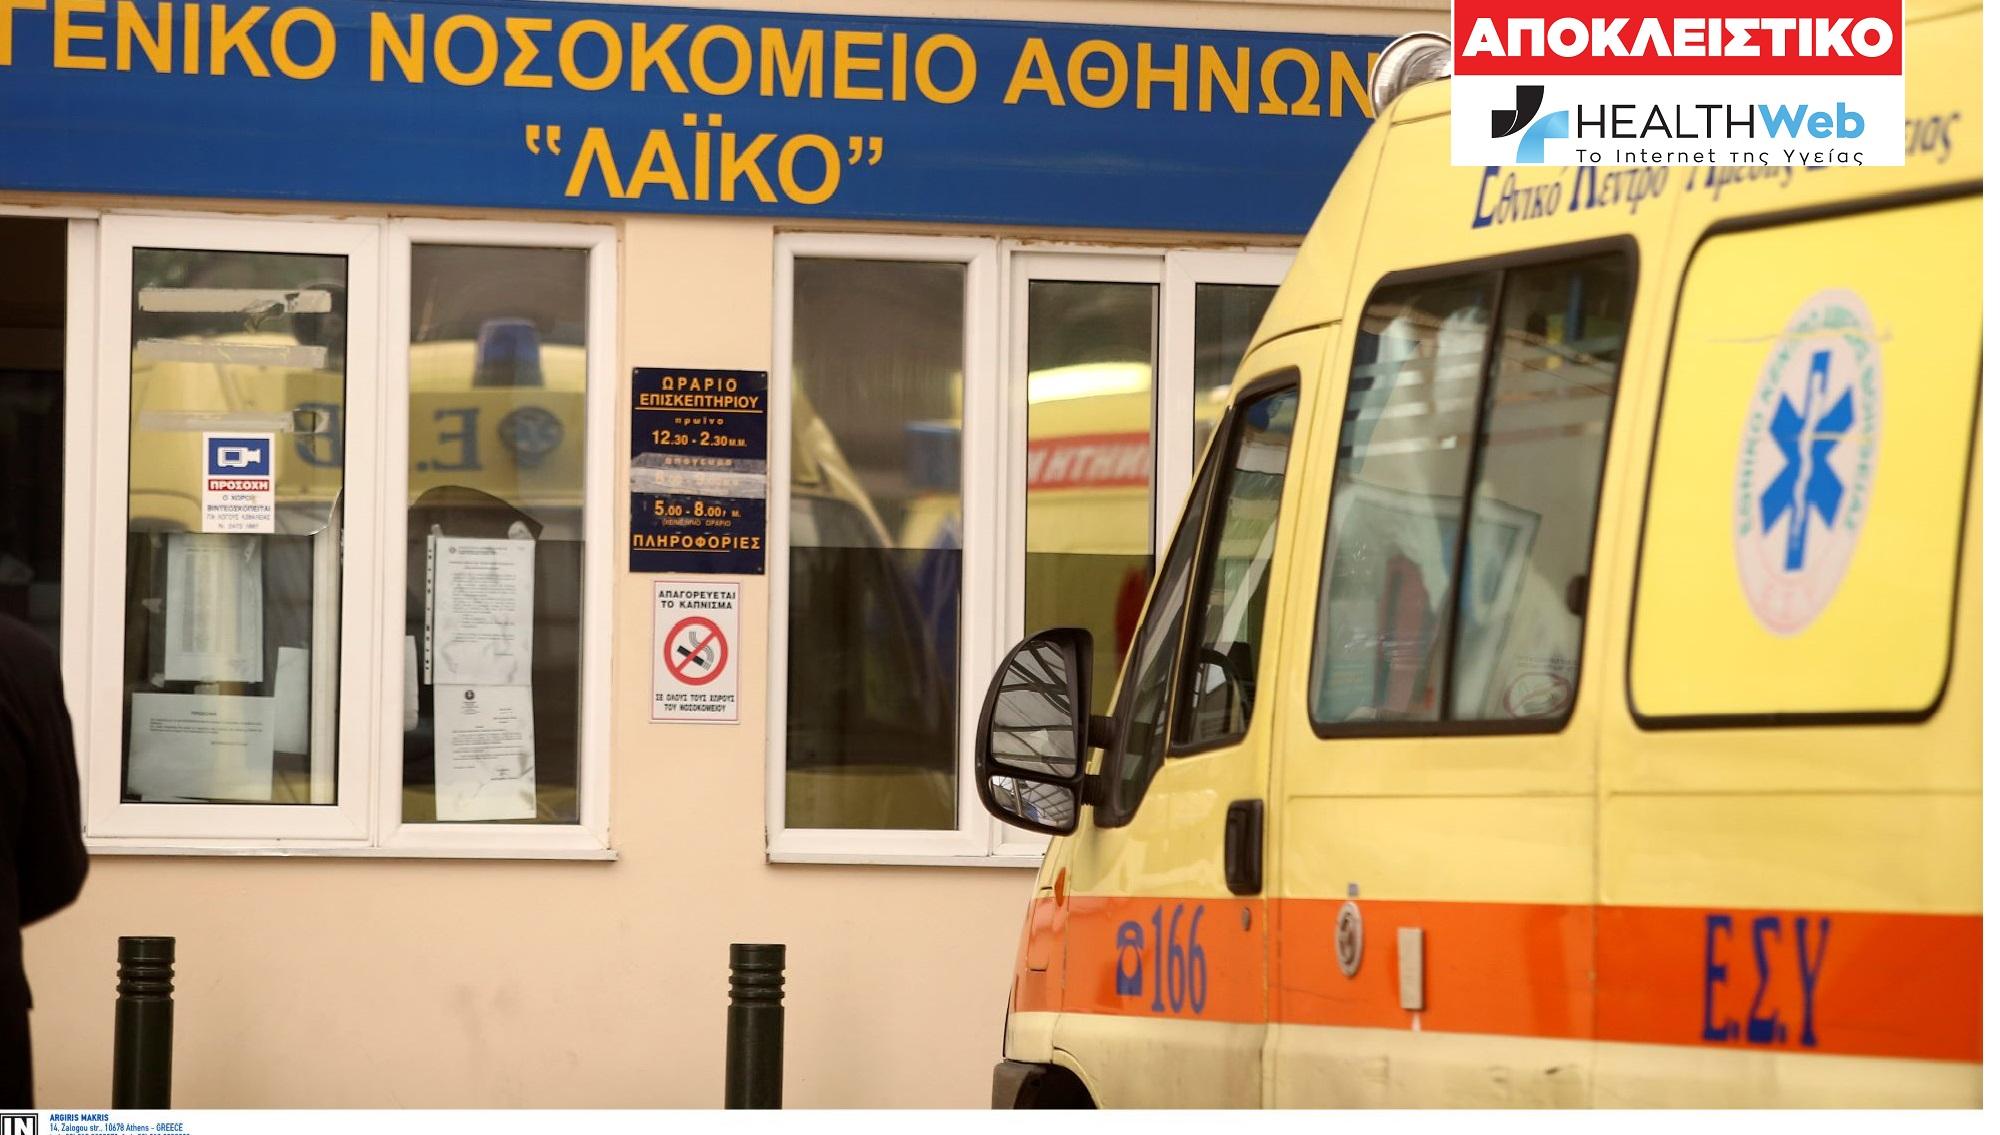 Αποκλειστικό ΓΝΑ ΛΑΙΚΟ : Στον δρόμο οι ασθενείς κλείνει το Κέντρο Σπανίων Σκελετικών Νοσημάτων